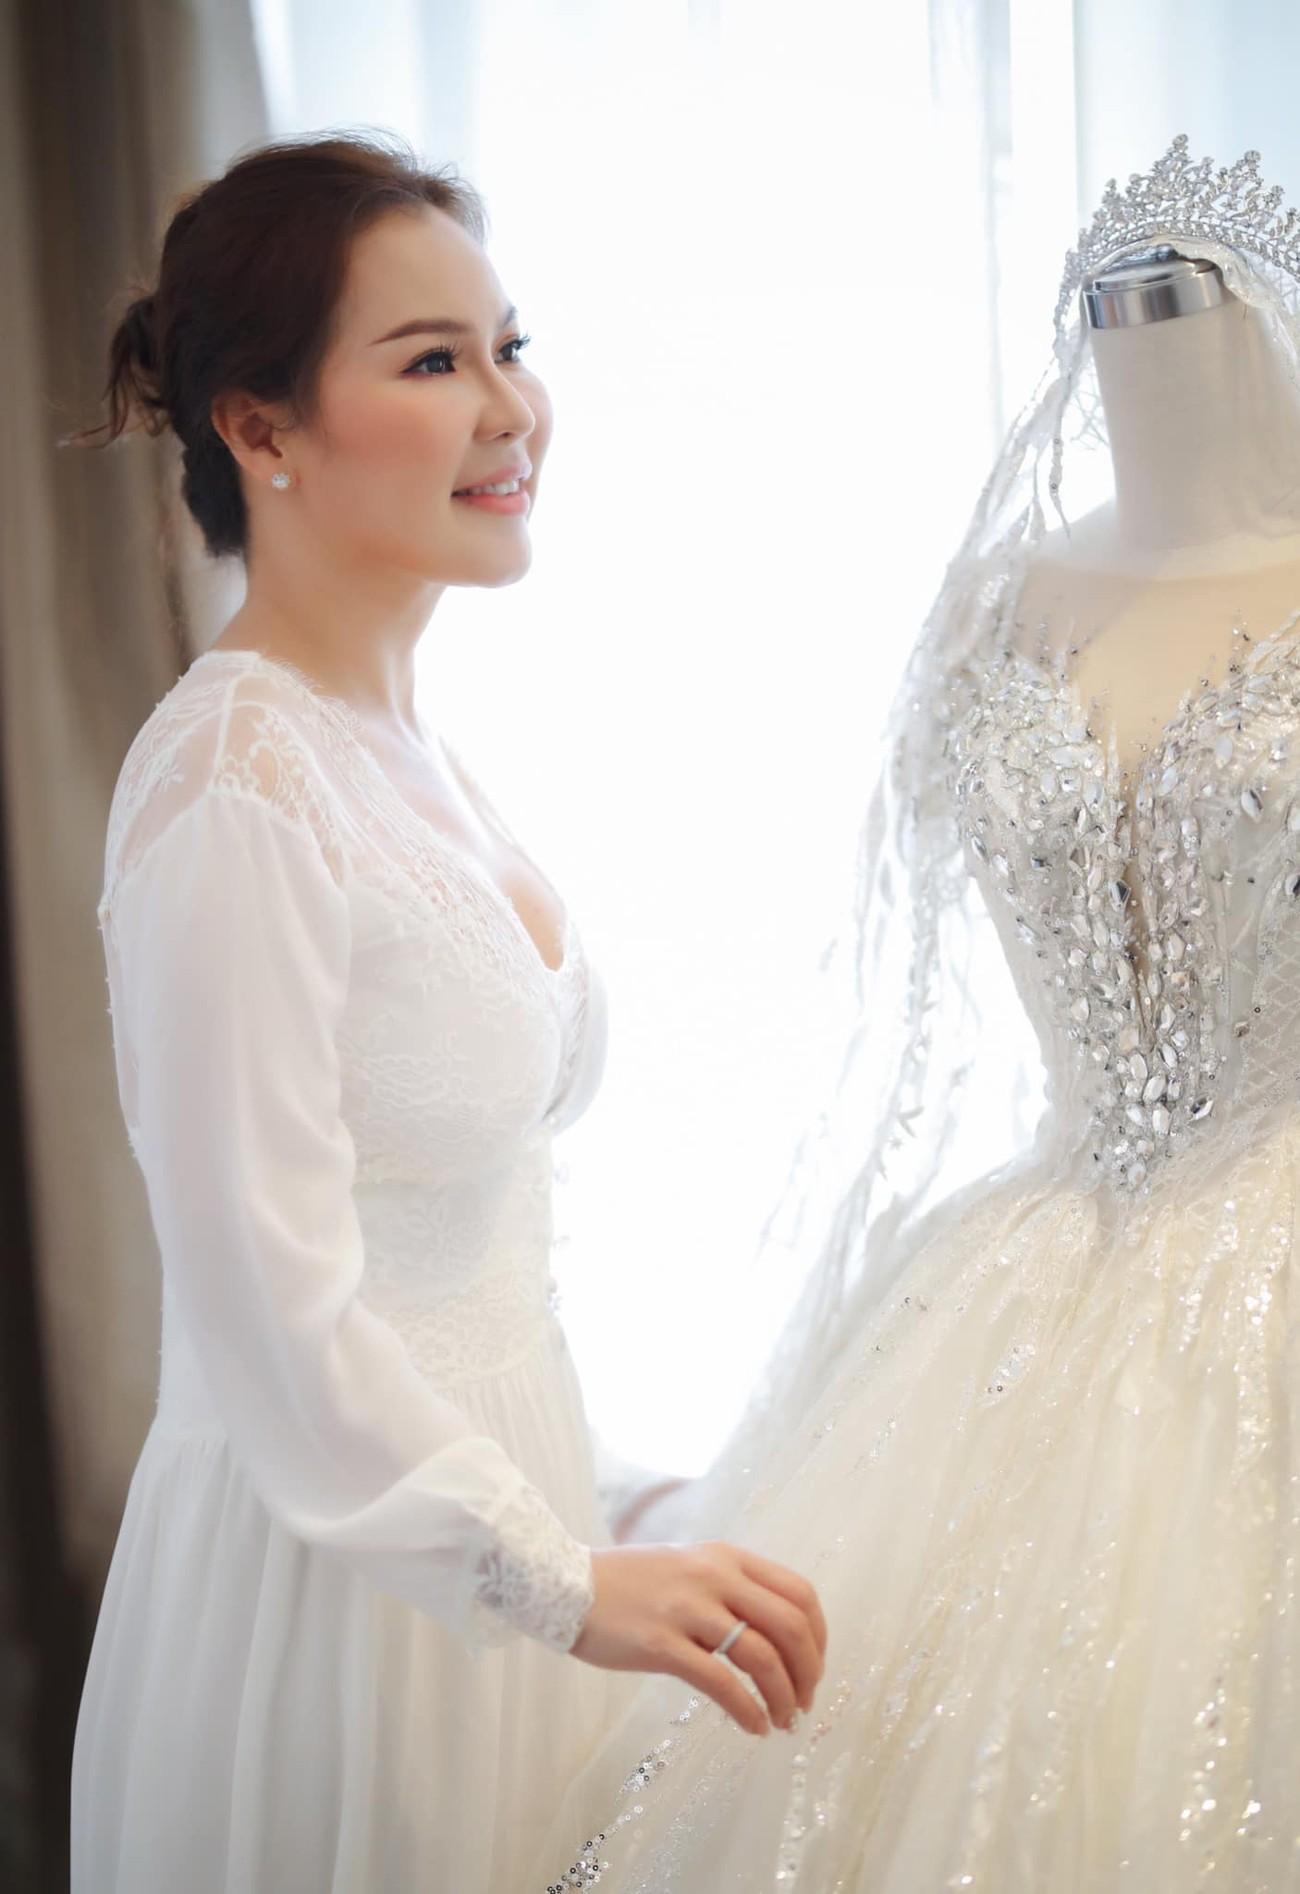 Hé lộ thêm ảnh cưới của Quý Bình, vợ doanh nhân cực trẻ trung và xinh đẹp ảnh 10